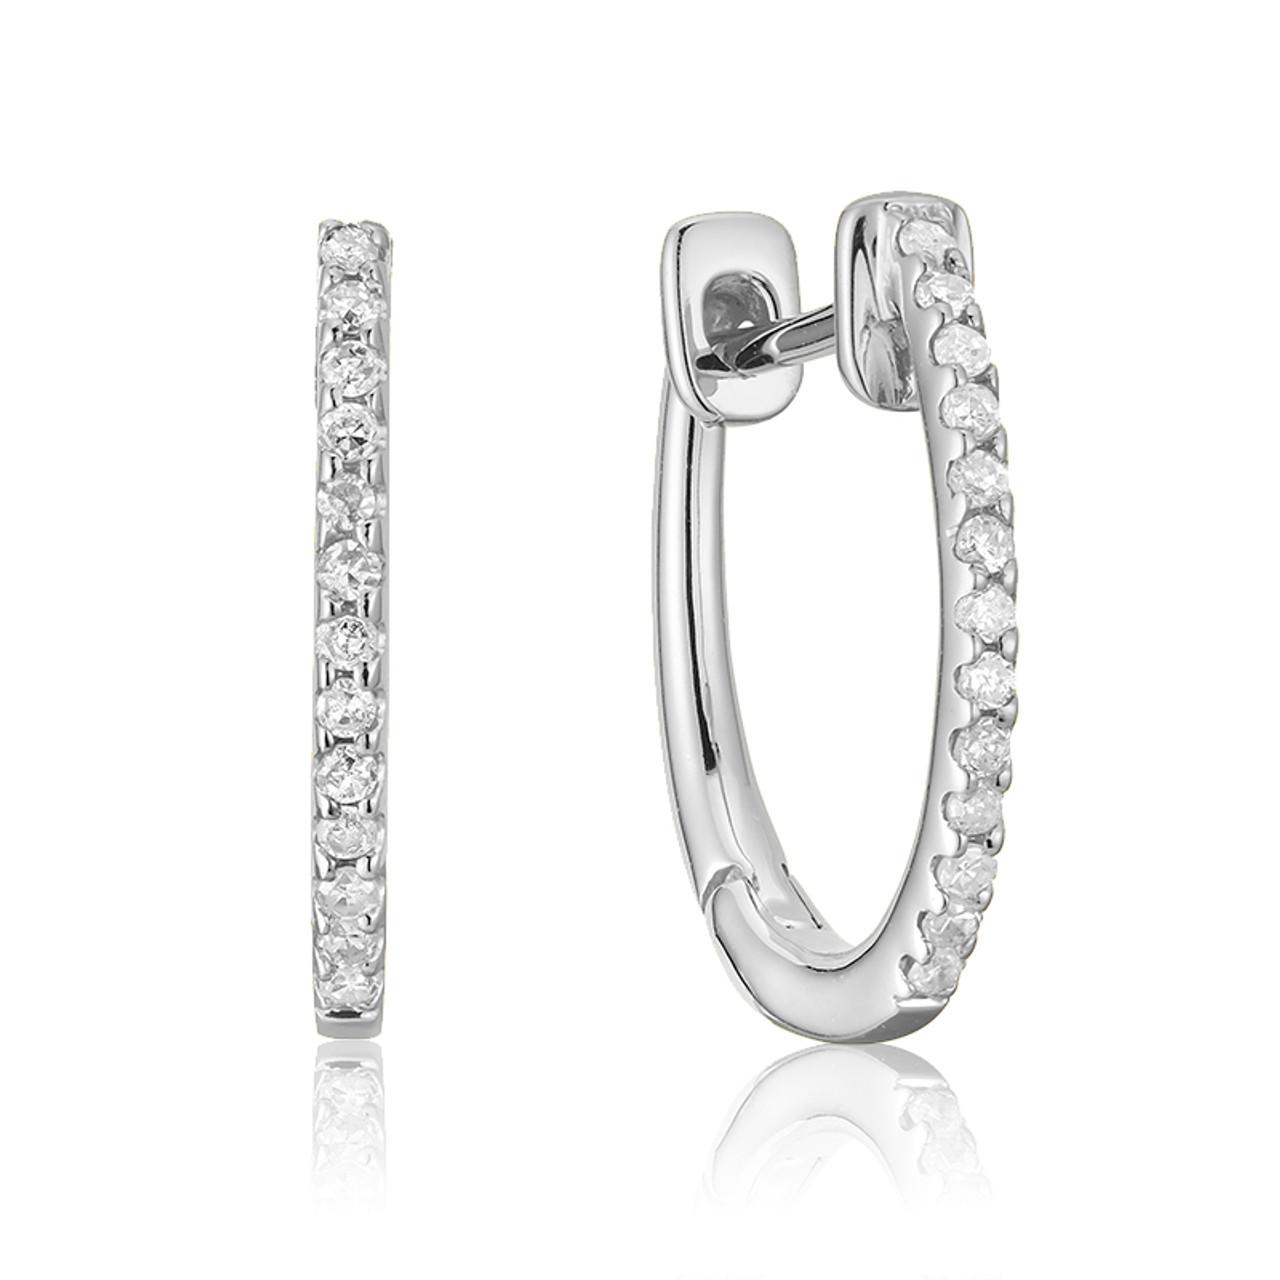 d8a8aa4552968 DIAMOND LOOPS EARRING #13-040080